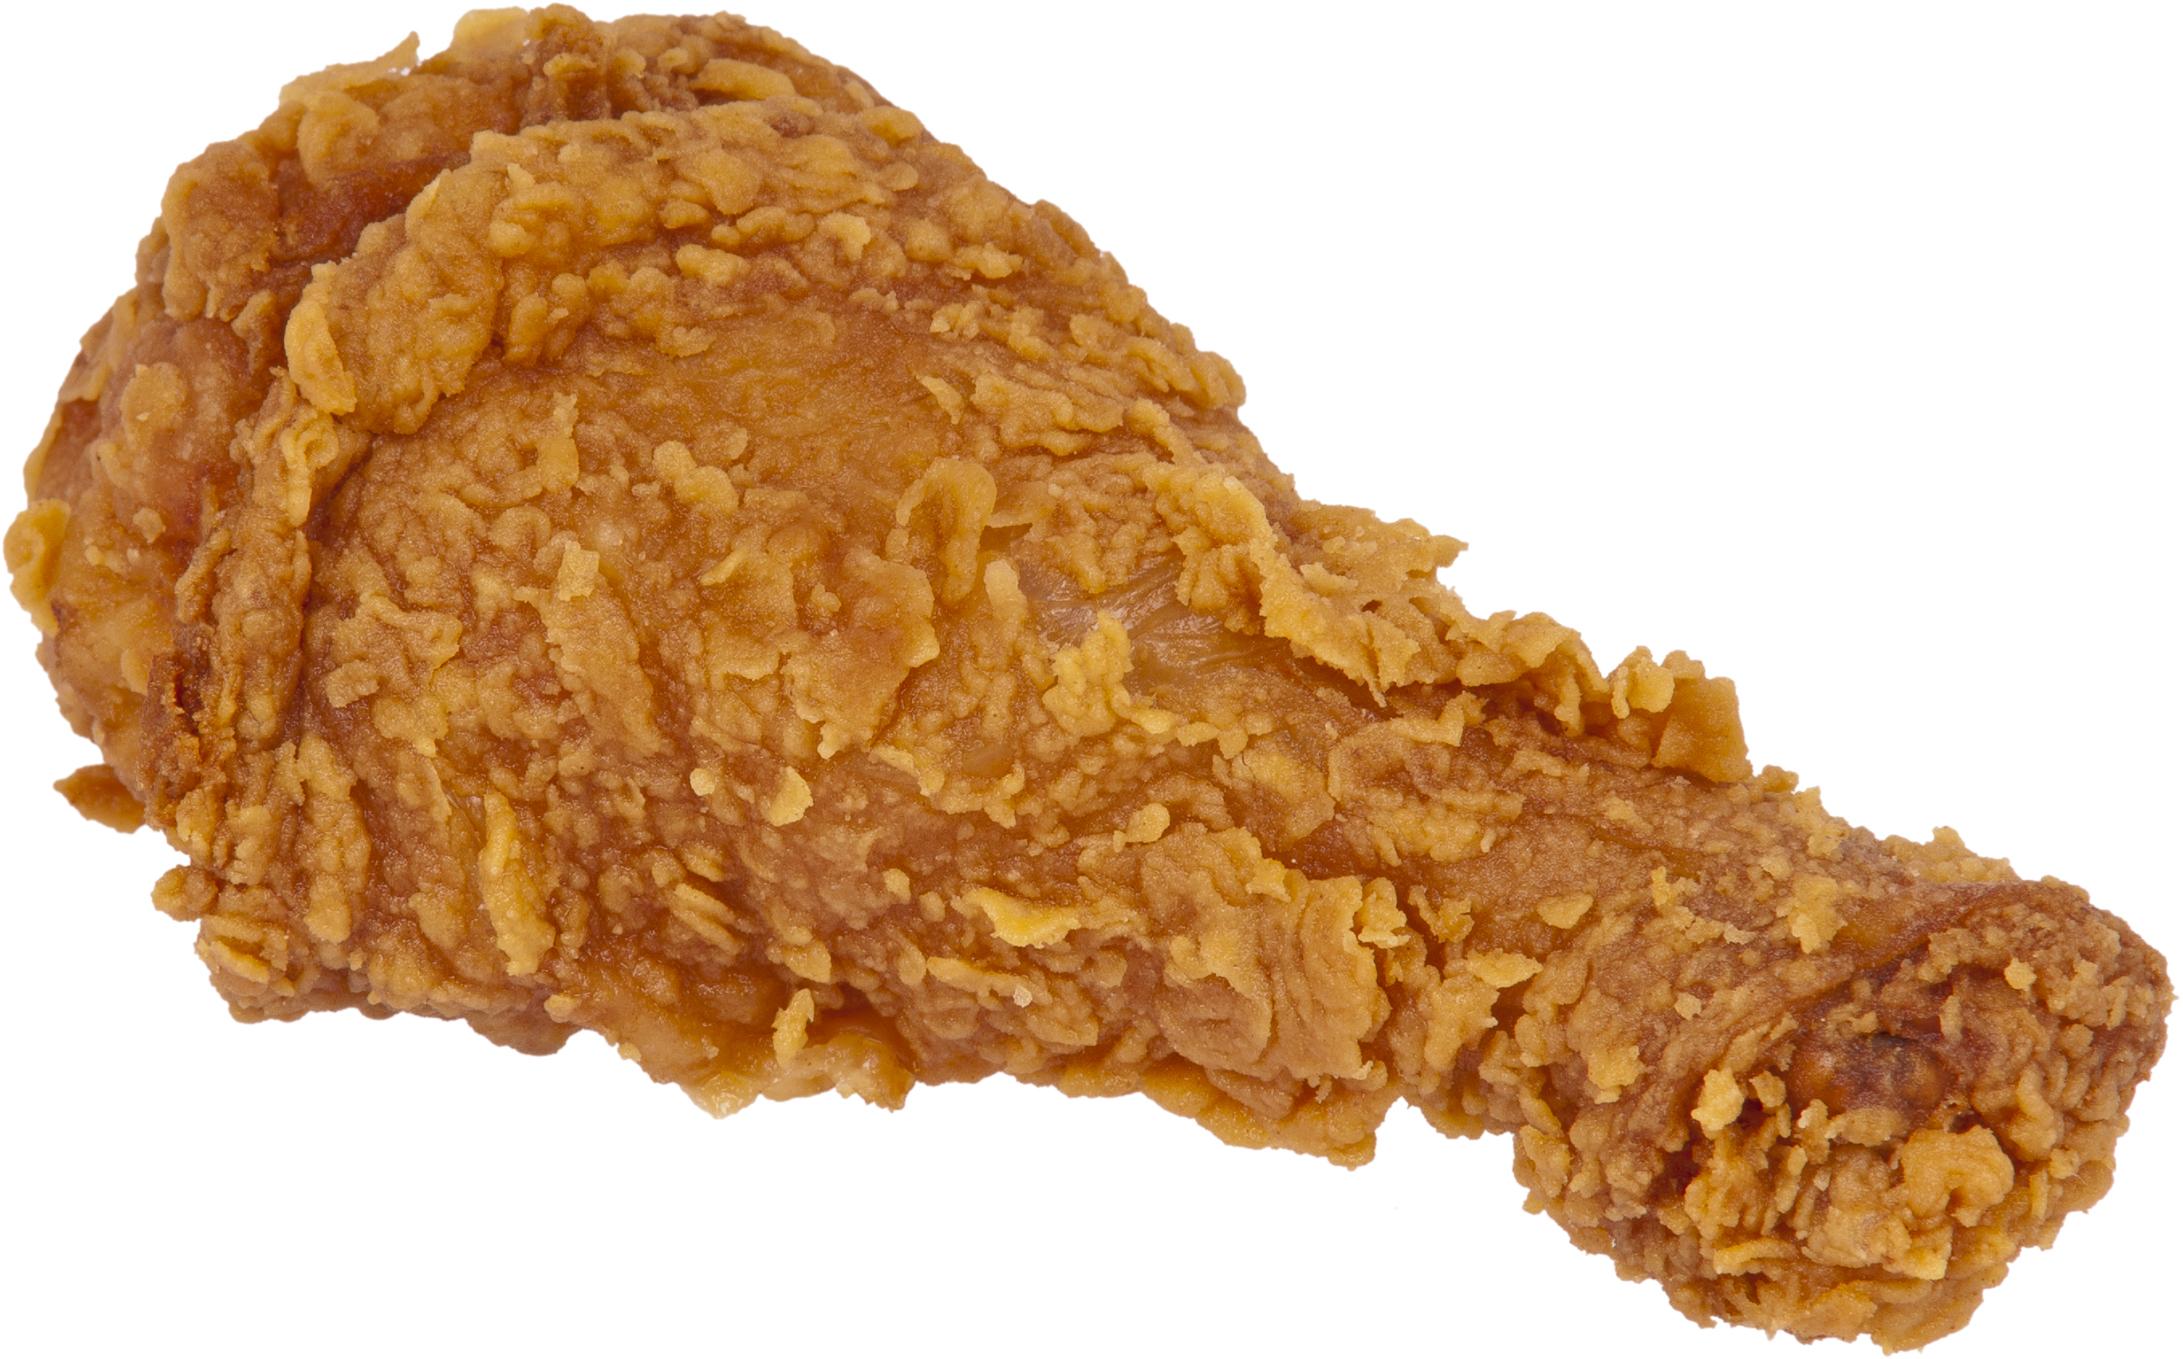 Fried Chicken Hd Desktop